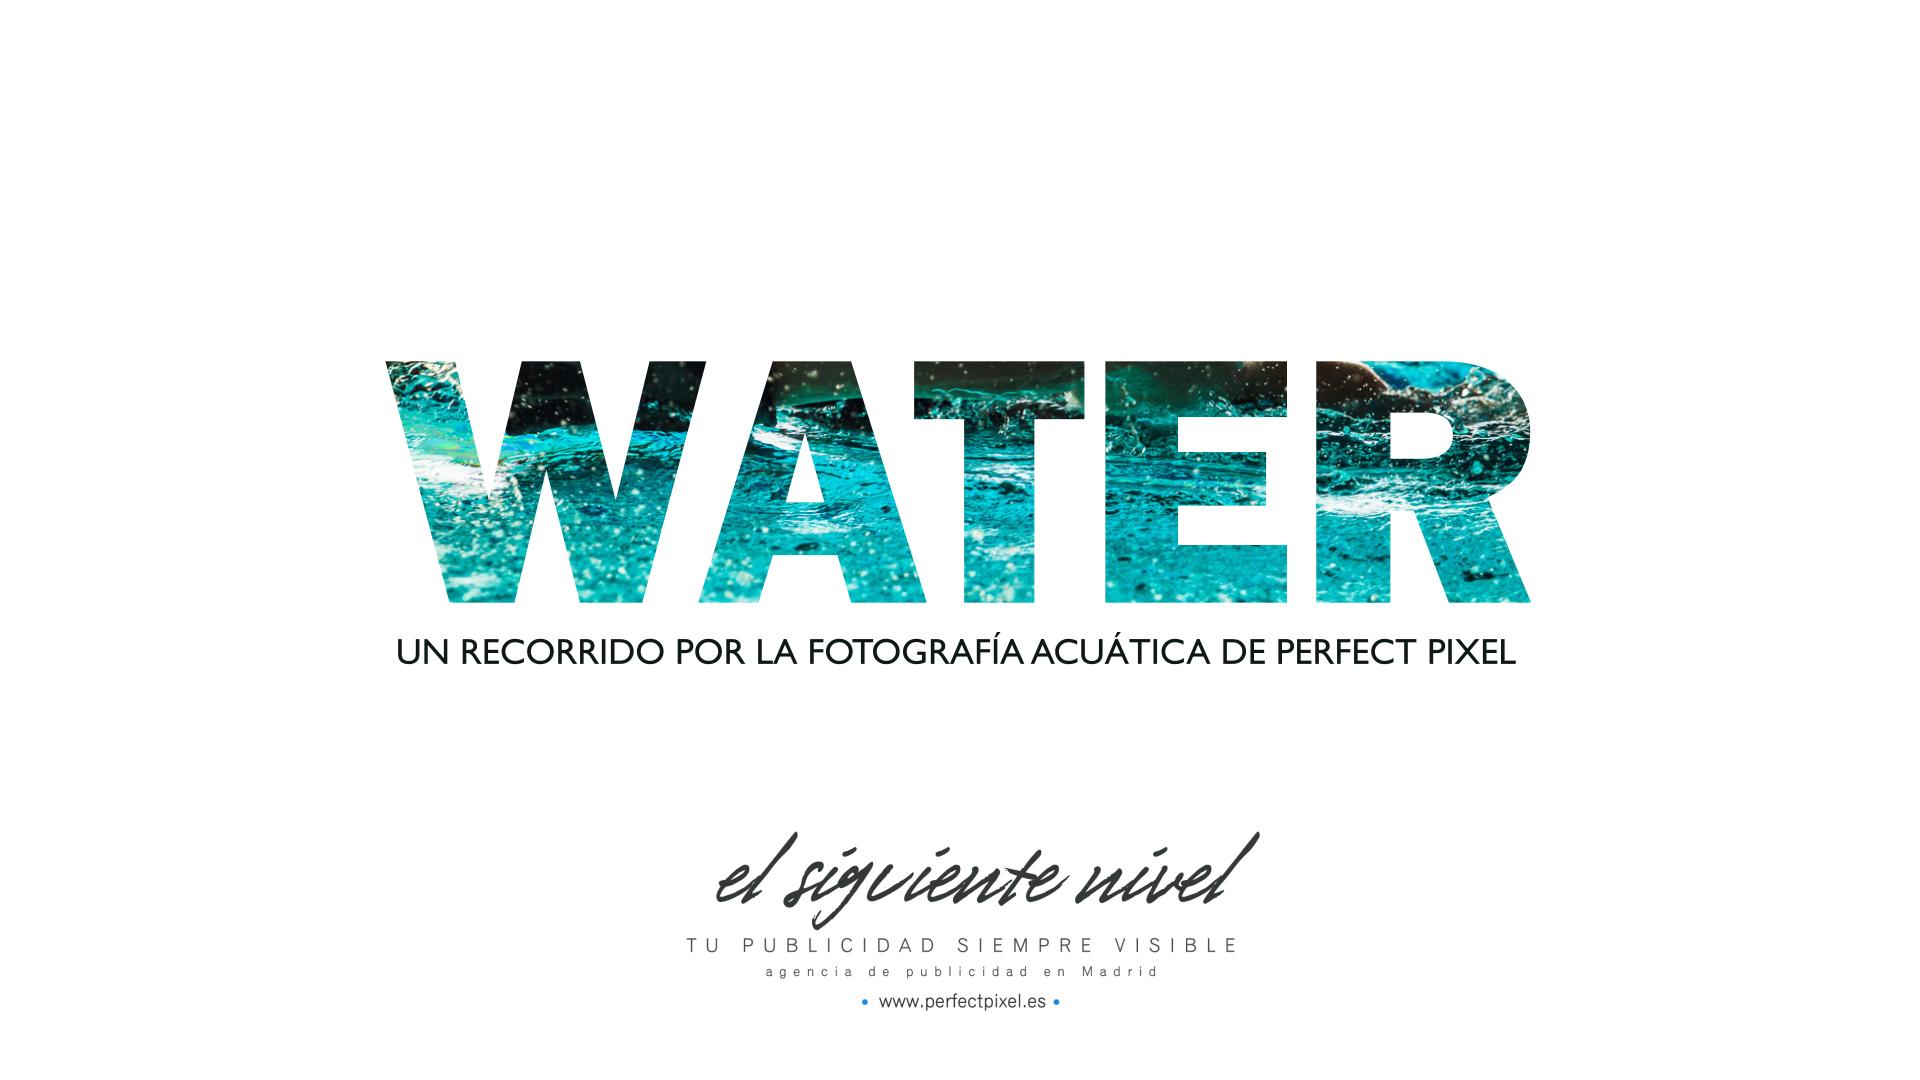 https://perfectpixel.es/wp-content/uploads/2017/04/Perfect-Pixel-Agua-Water-Fotografia-deportiva-Agencia-de-Publicidad-en-Madrid.jpg